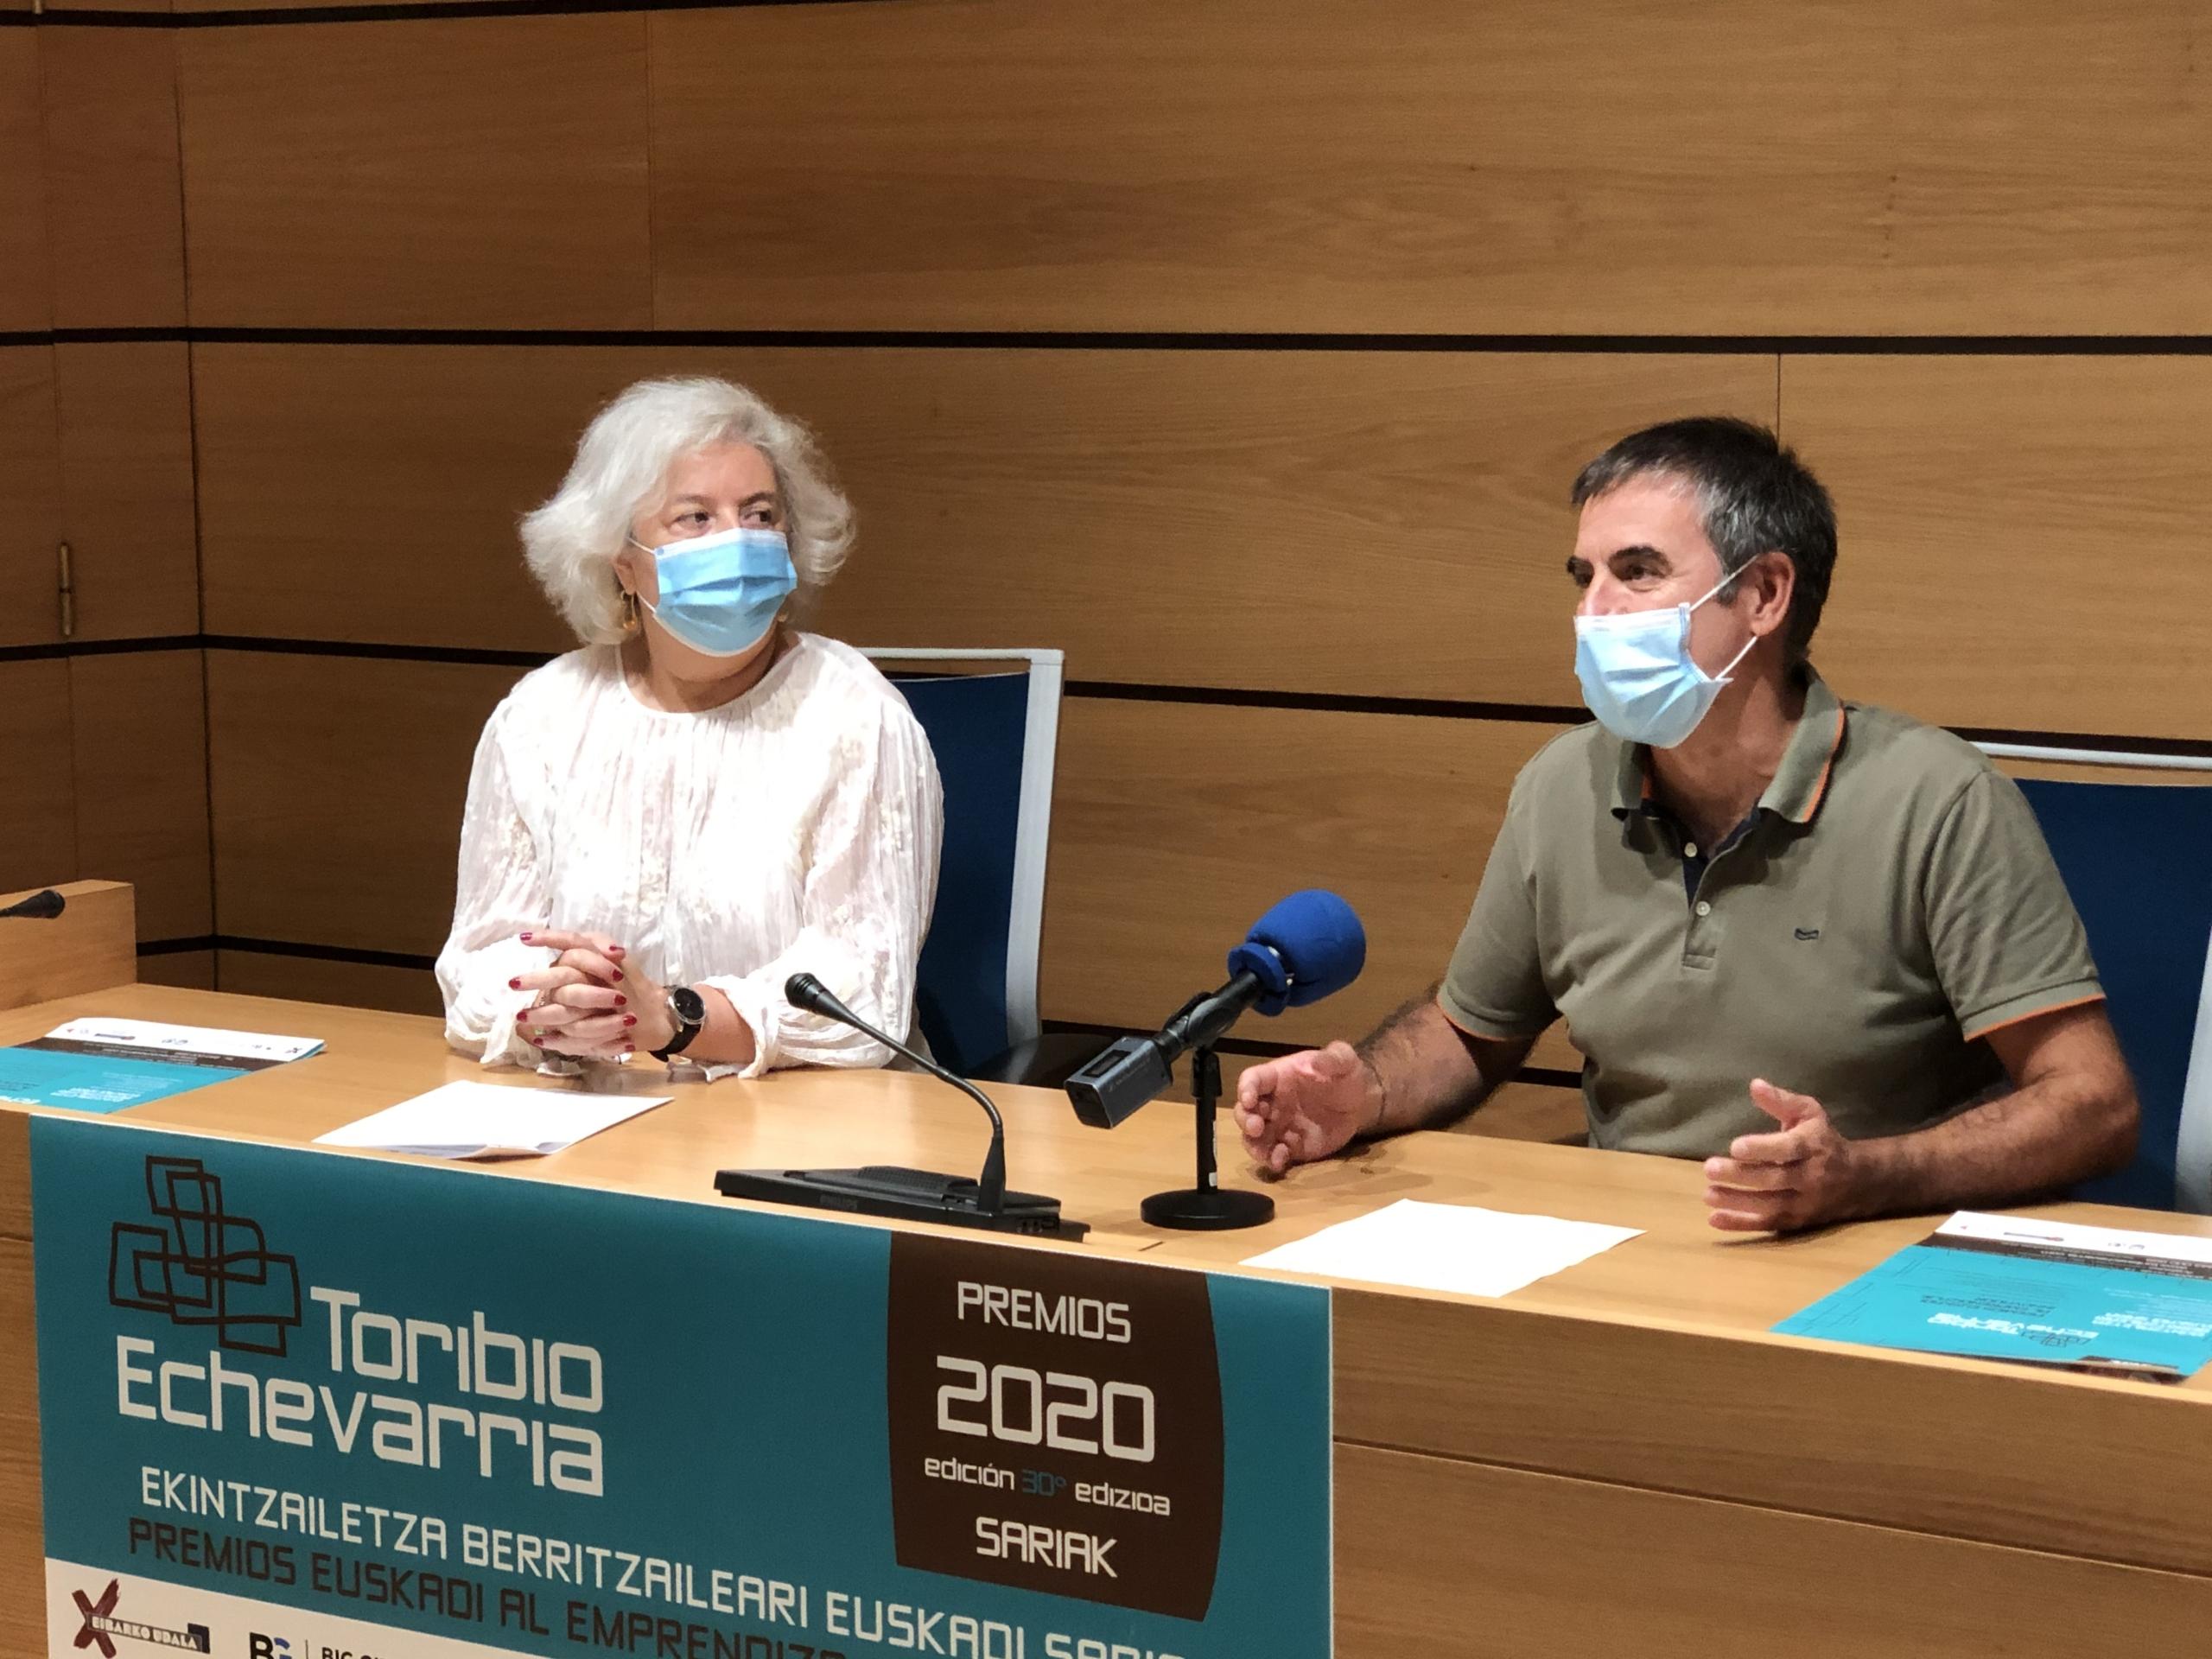 Un nuevo premio empresarial se suma a la 30 edición de los Toribio Echevarria, impulsados por el Ayuntamiento de Eibar y BIC Gipuzkoa